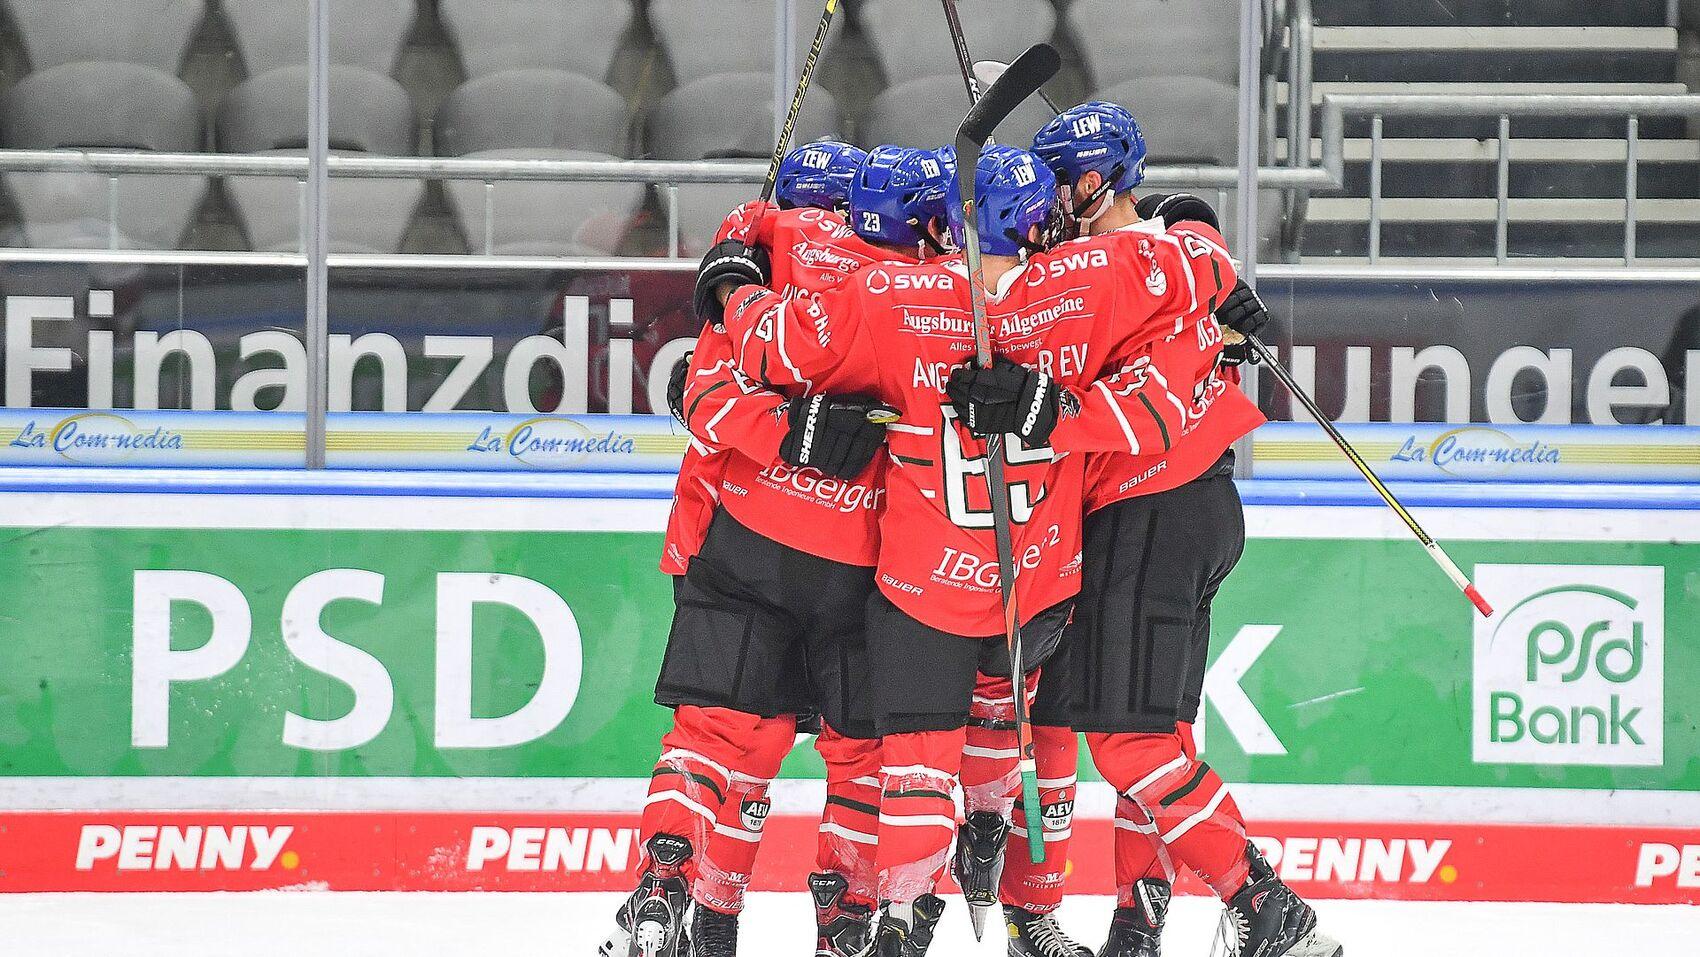 LIVE-Eishockey am Wochenende - Die U20 des AEV im Stream